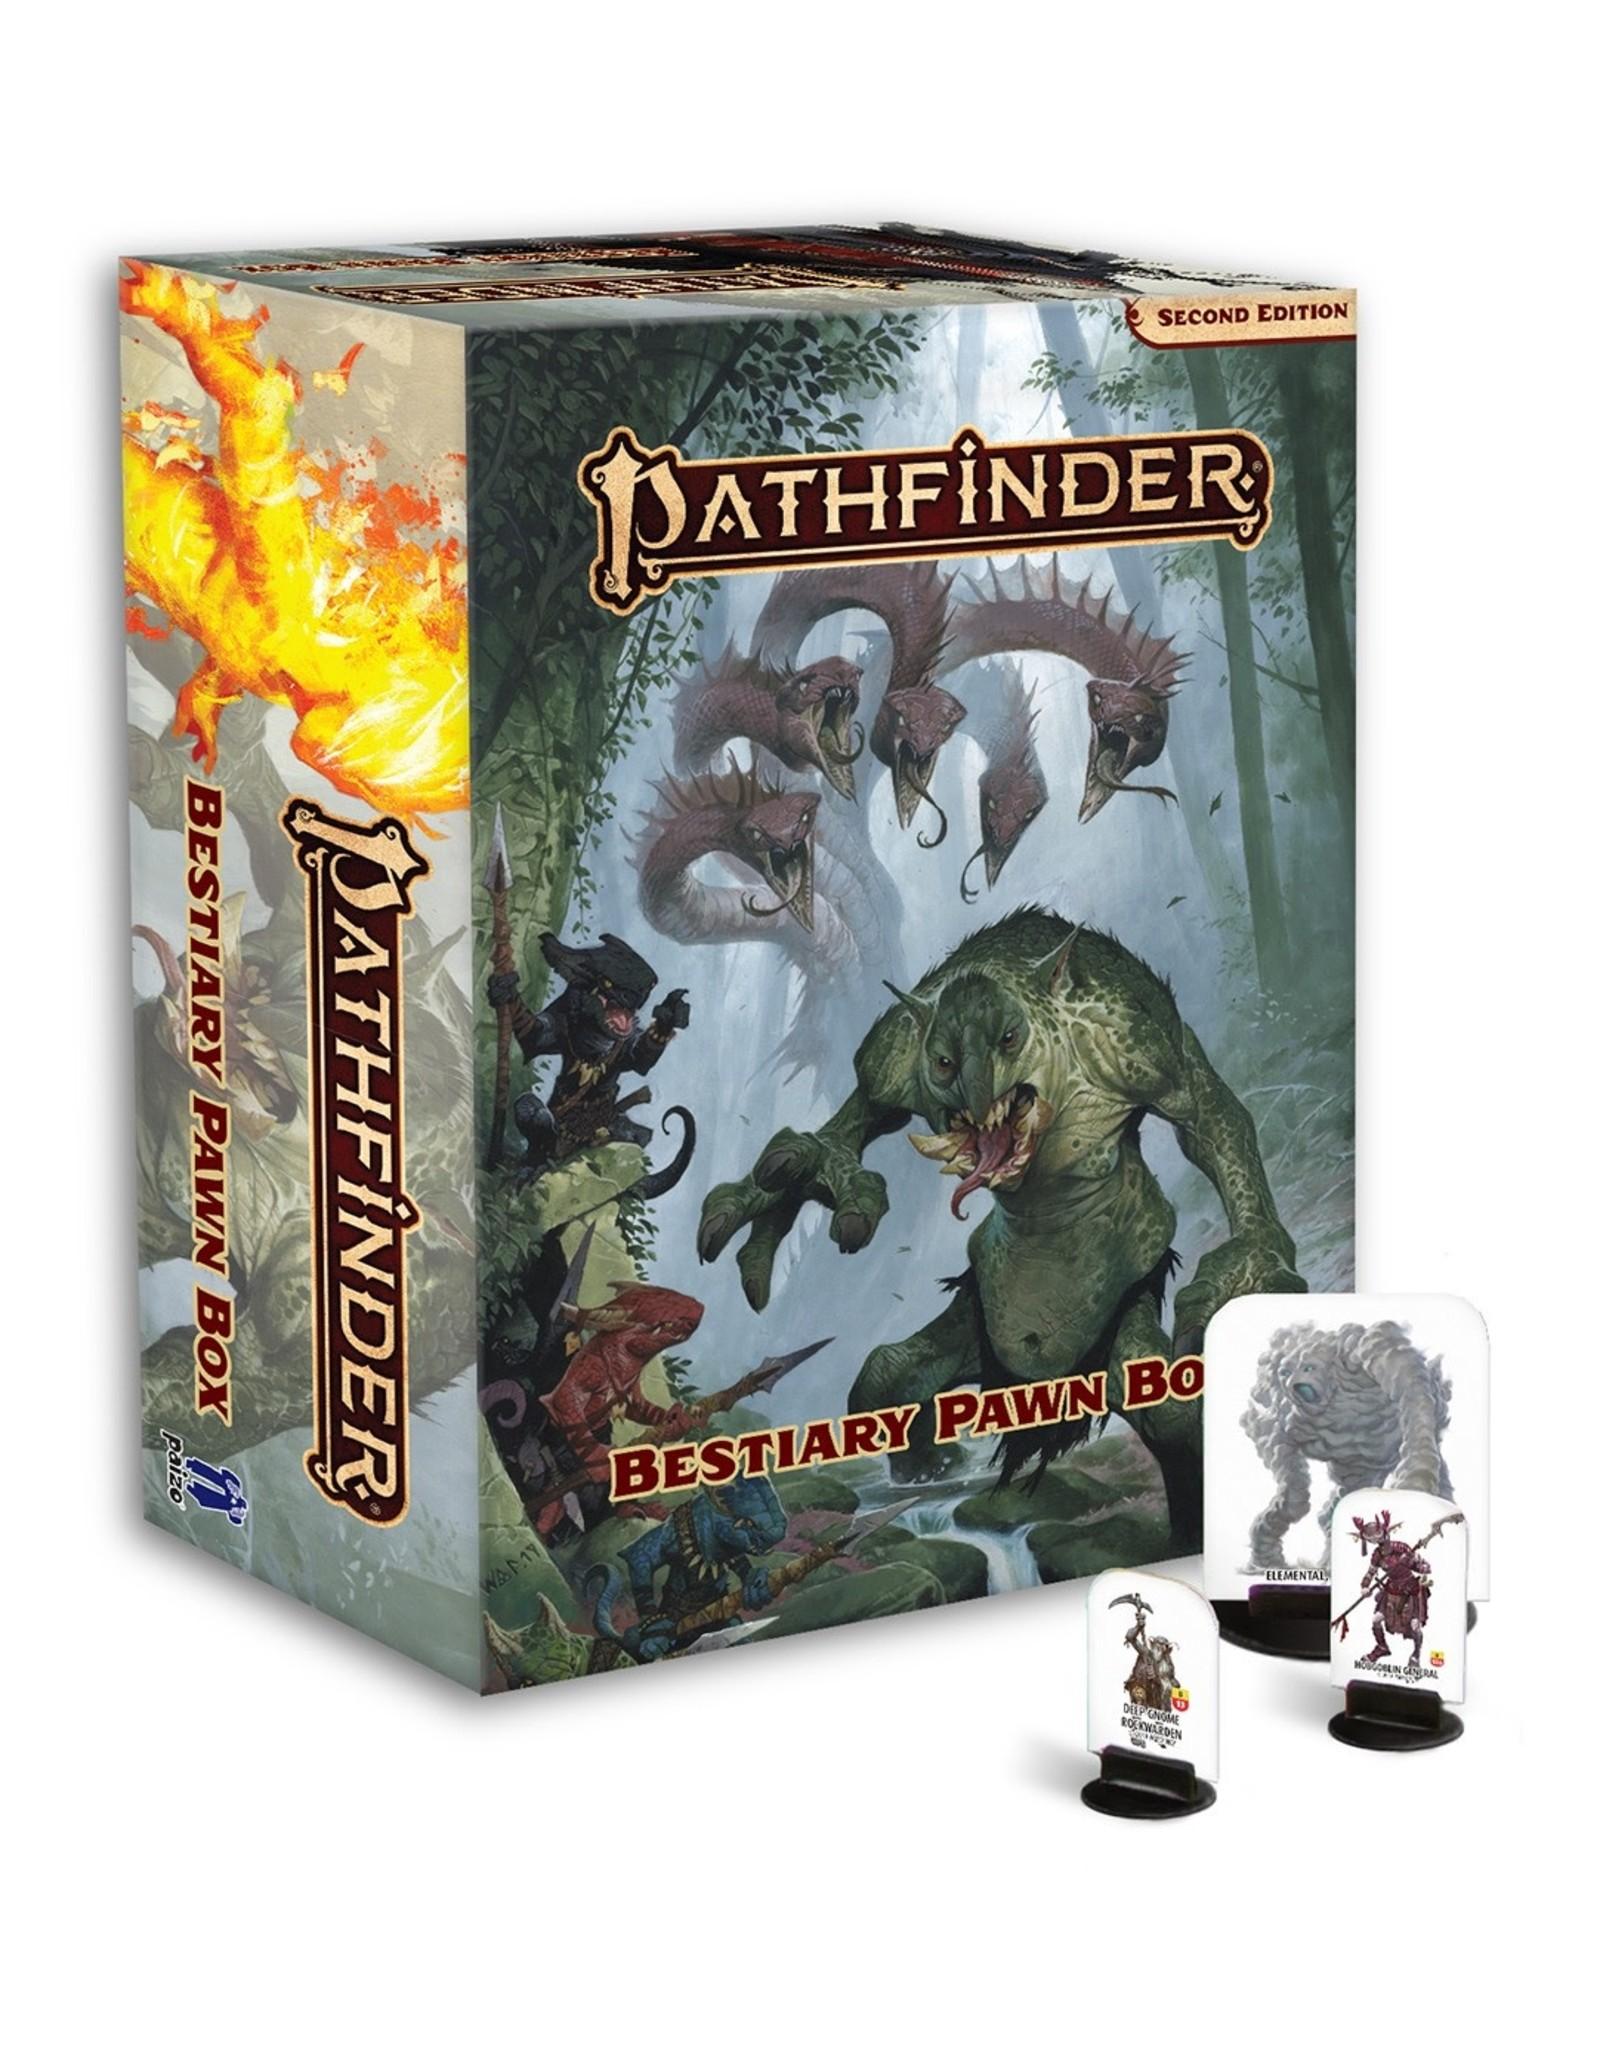 Paizo Pathfinder 2E - Bestiary Pawn Box